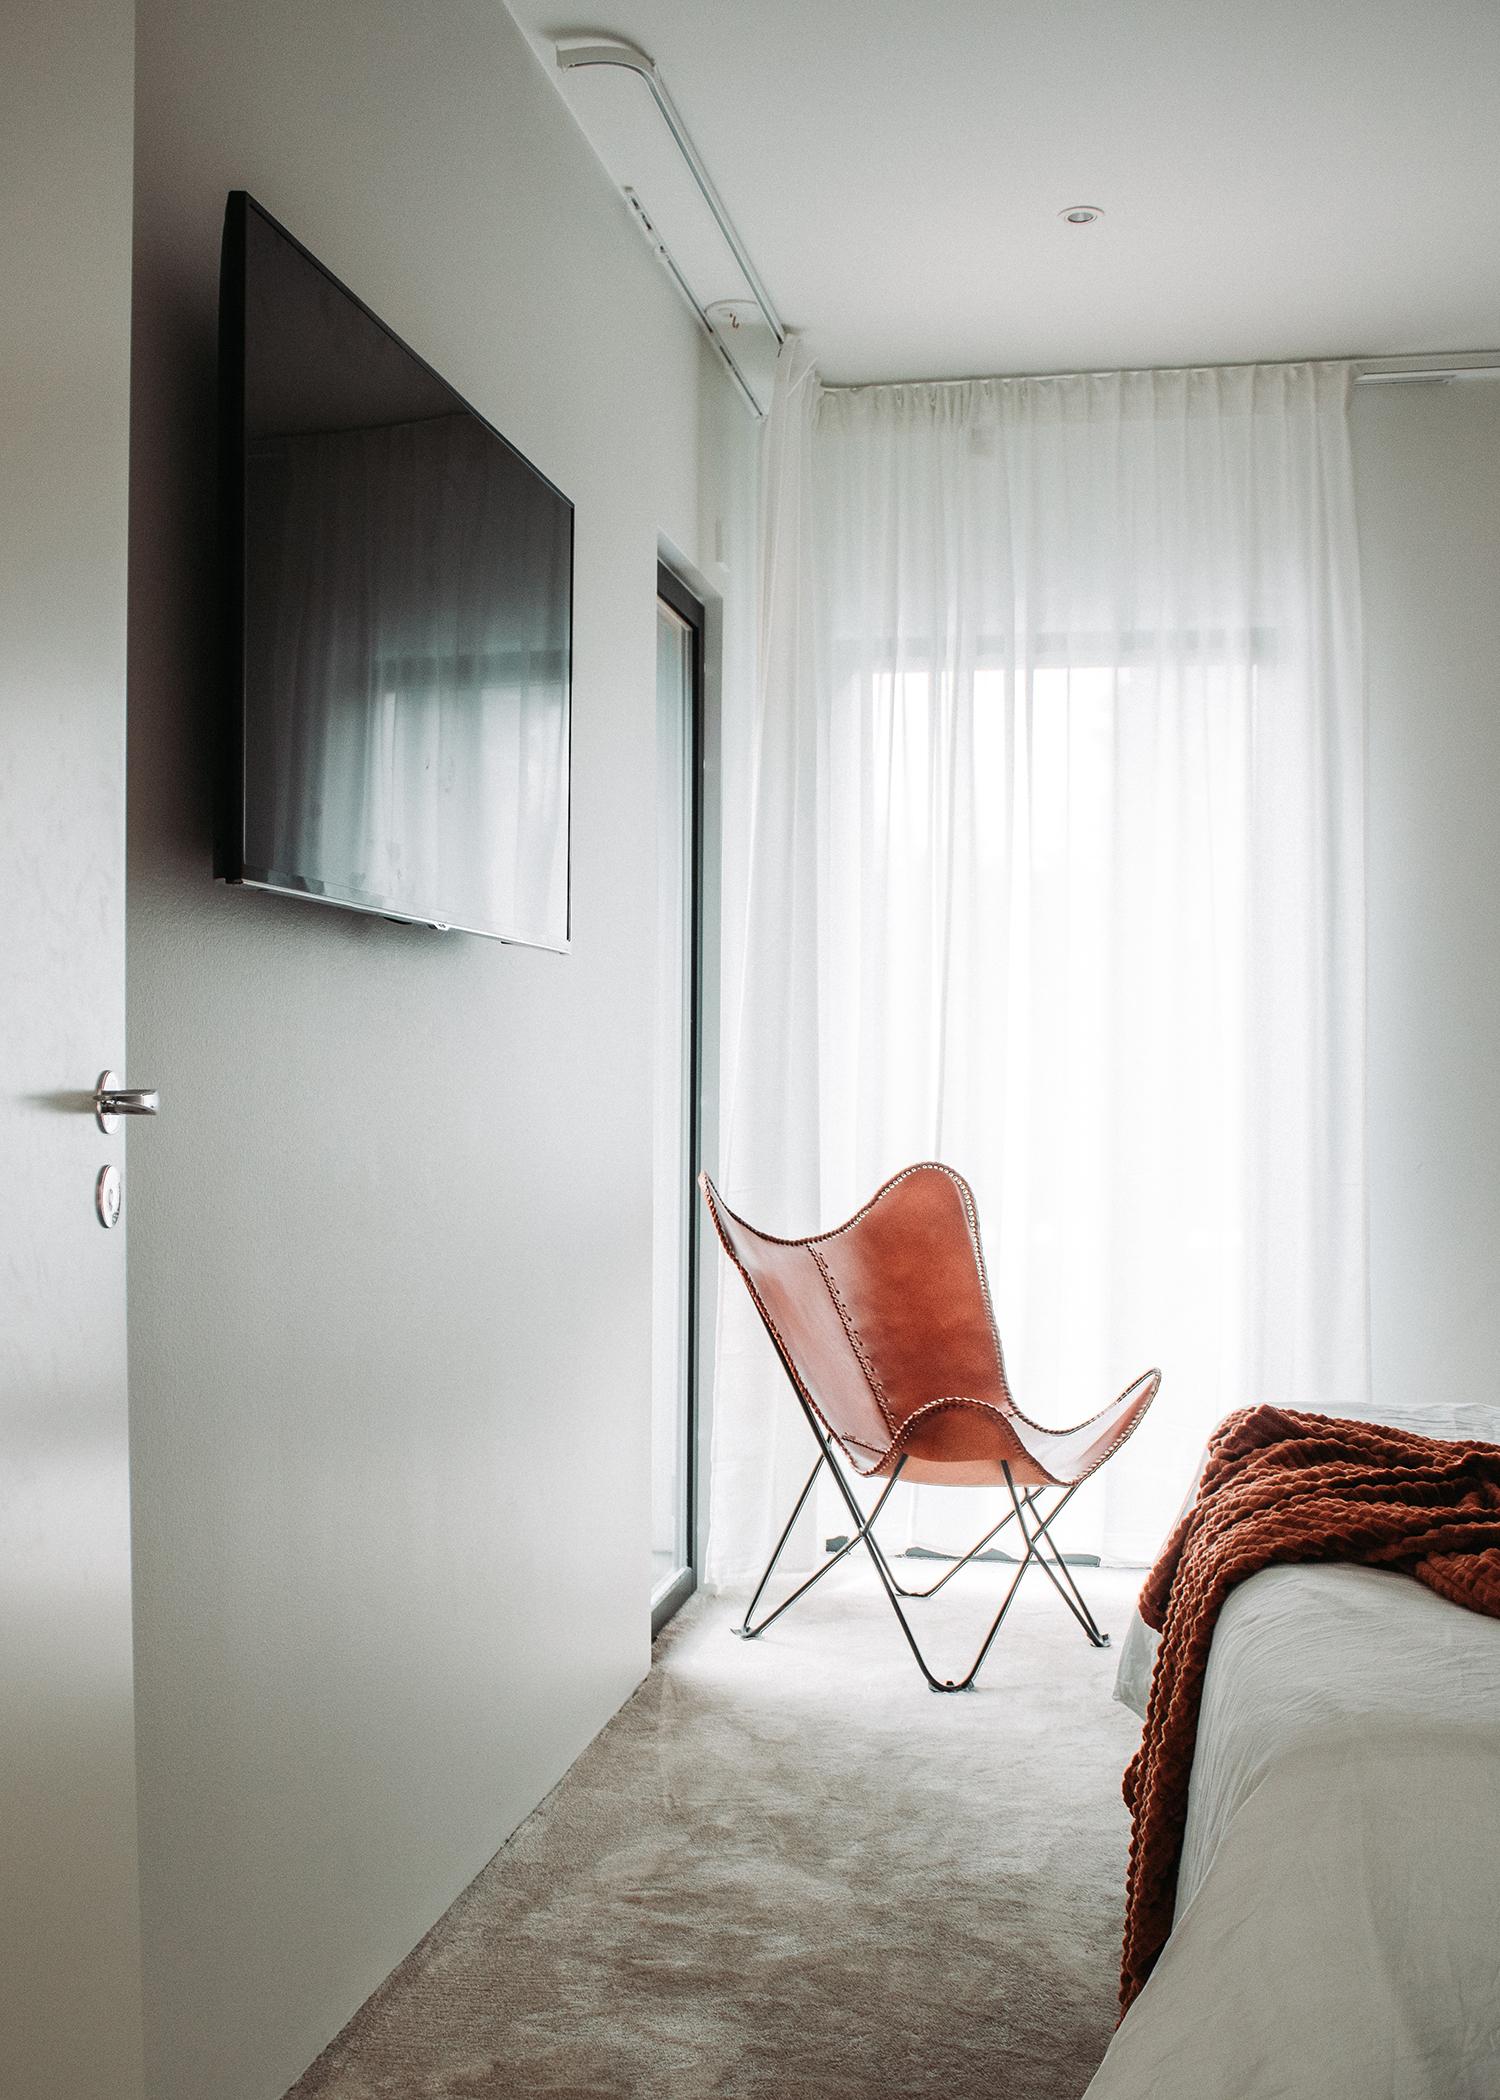 Building Home: Sovrummet | Höstig sovrumsinredning | Scandi bedroom interior | By Sandramaria